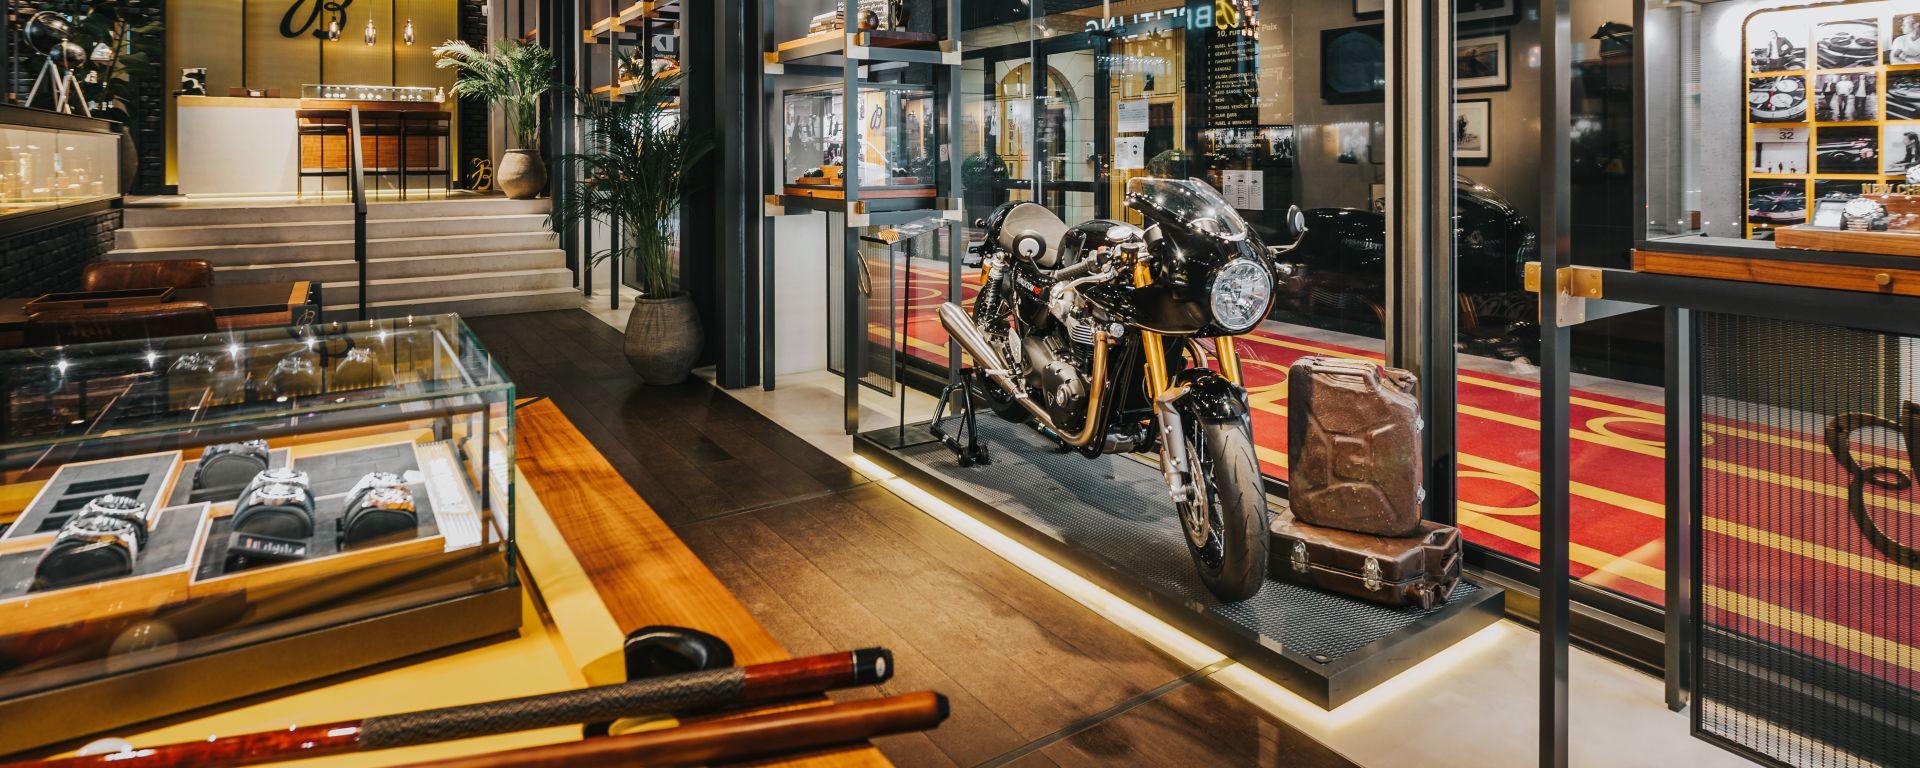 Triumph e Breitling: la partnership porterà un orologio limited edition e una moto speciale nel 2022